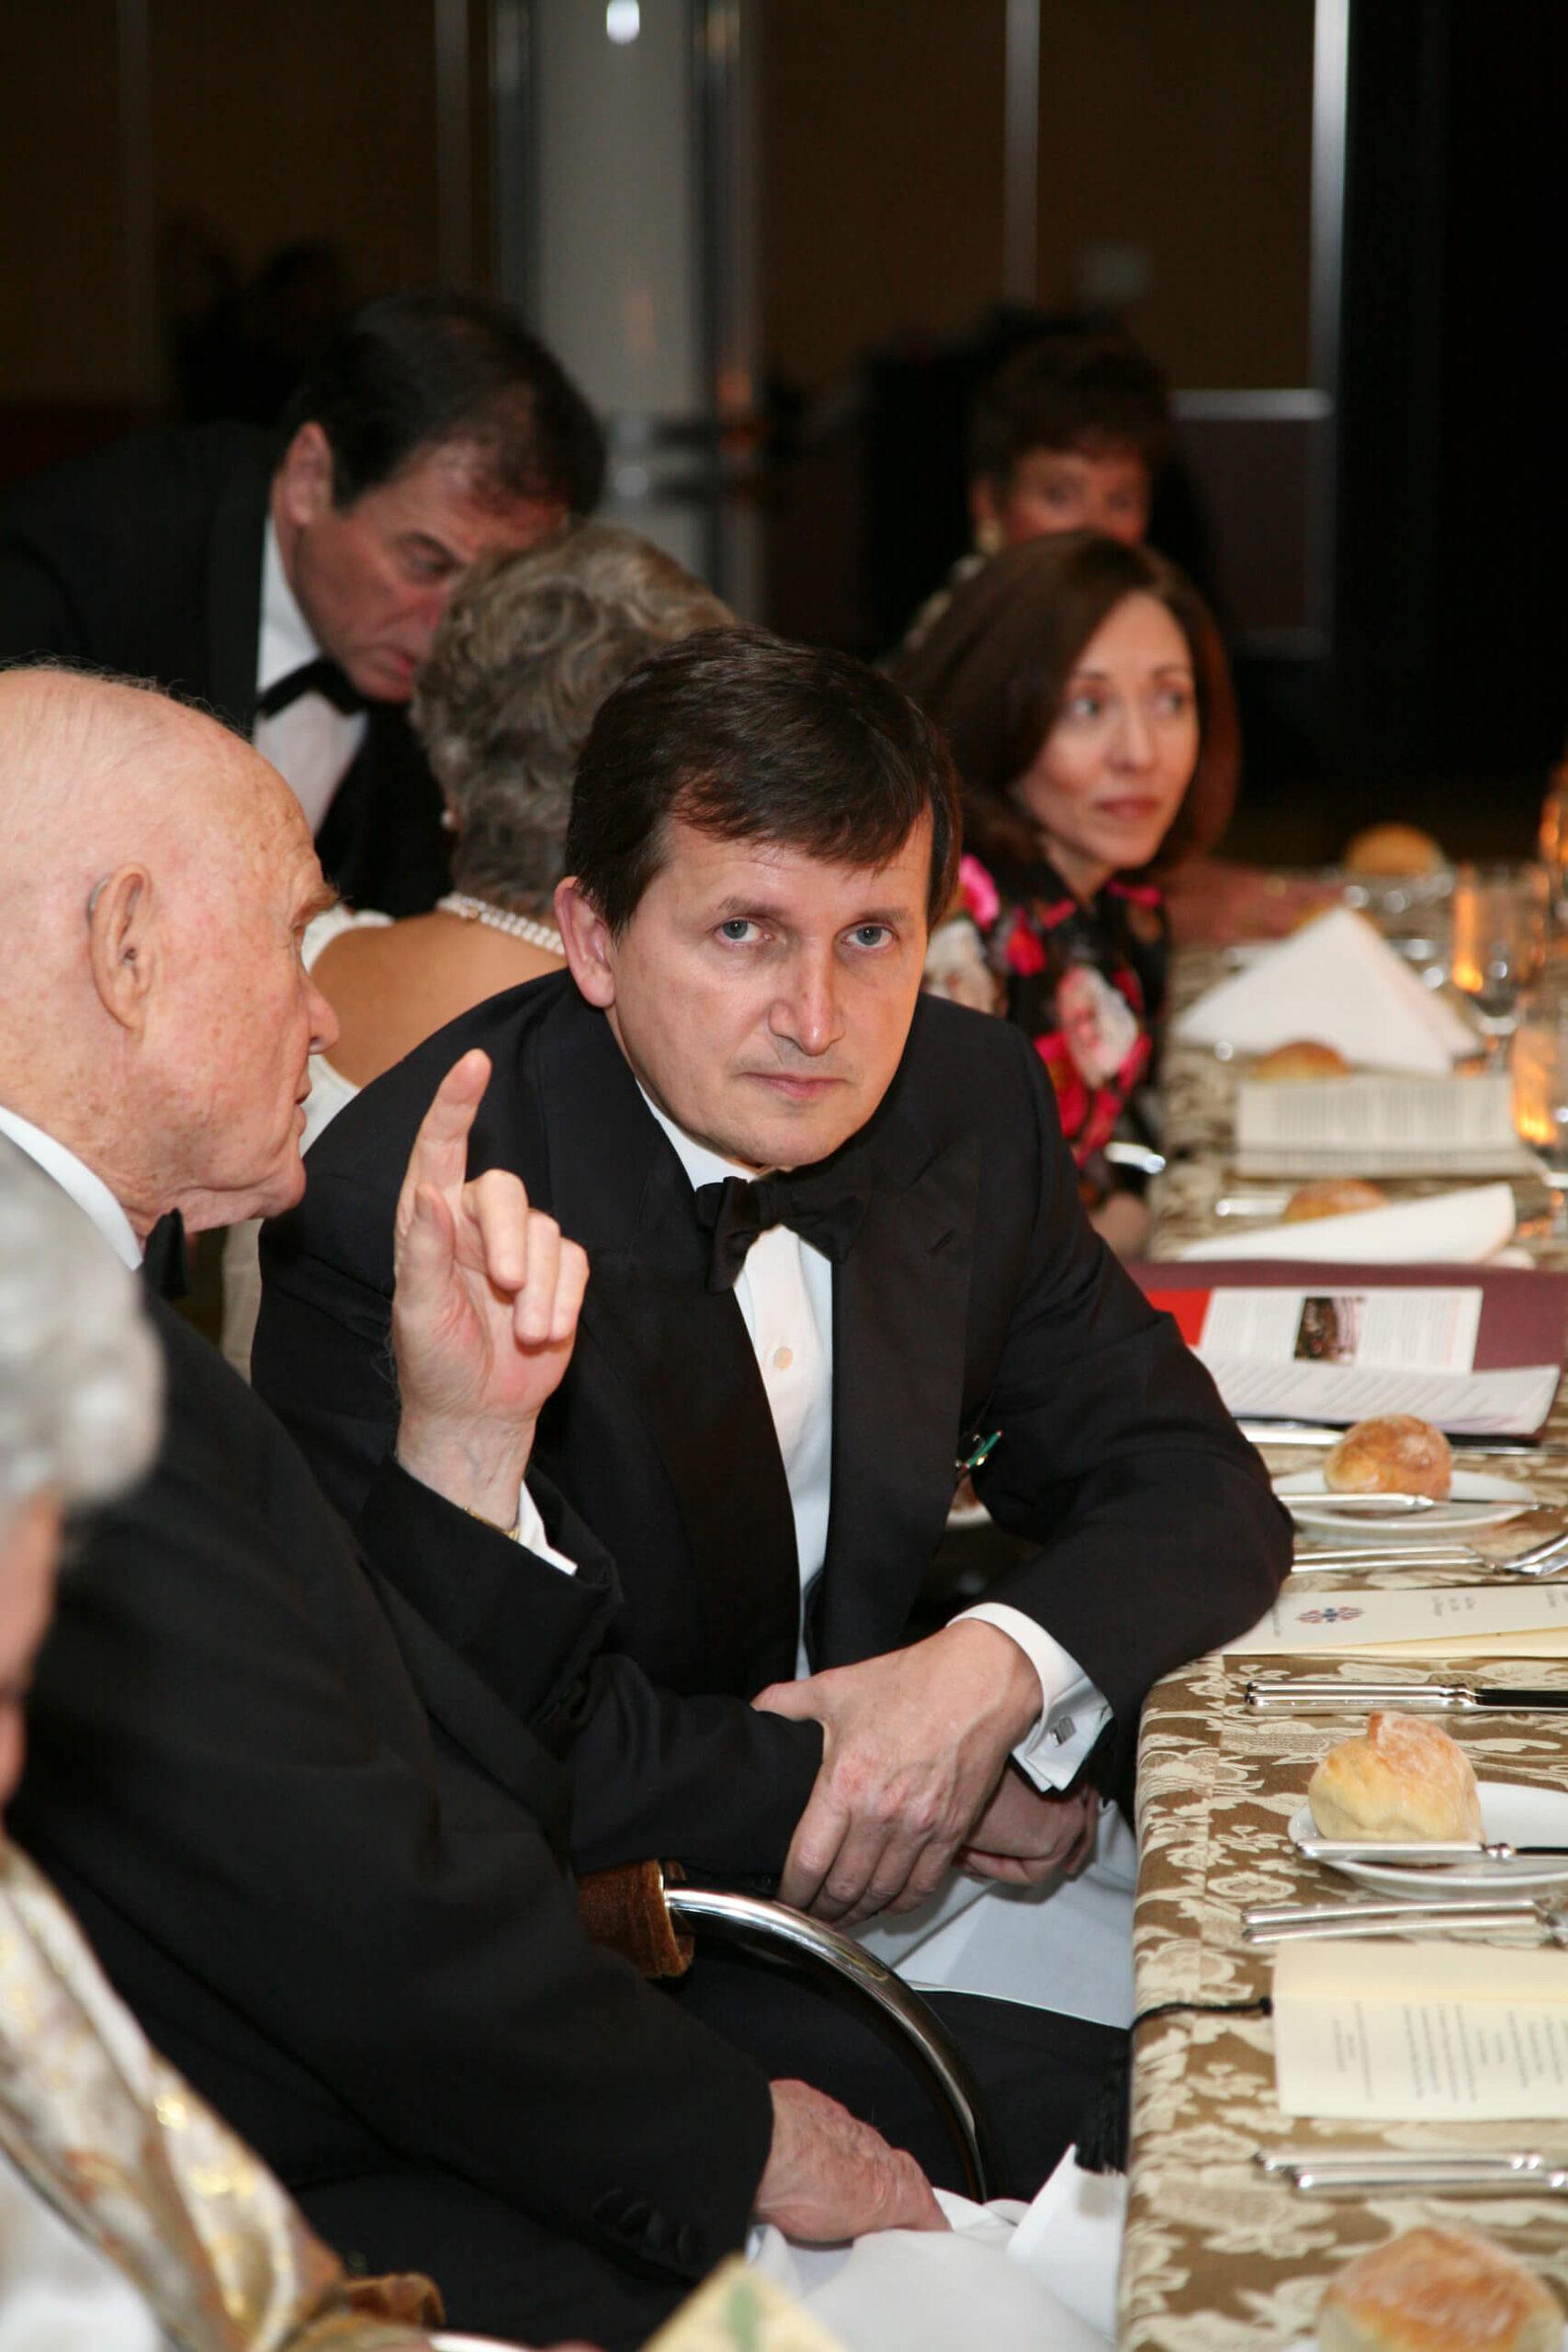 Dr. Charles Simonyi